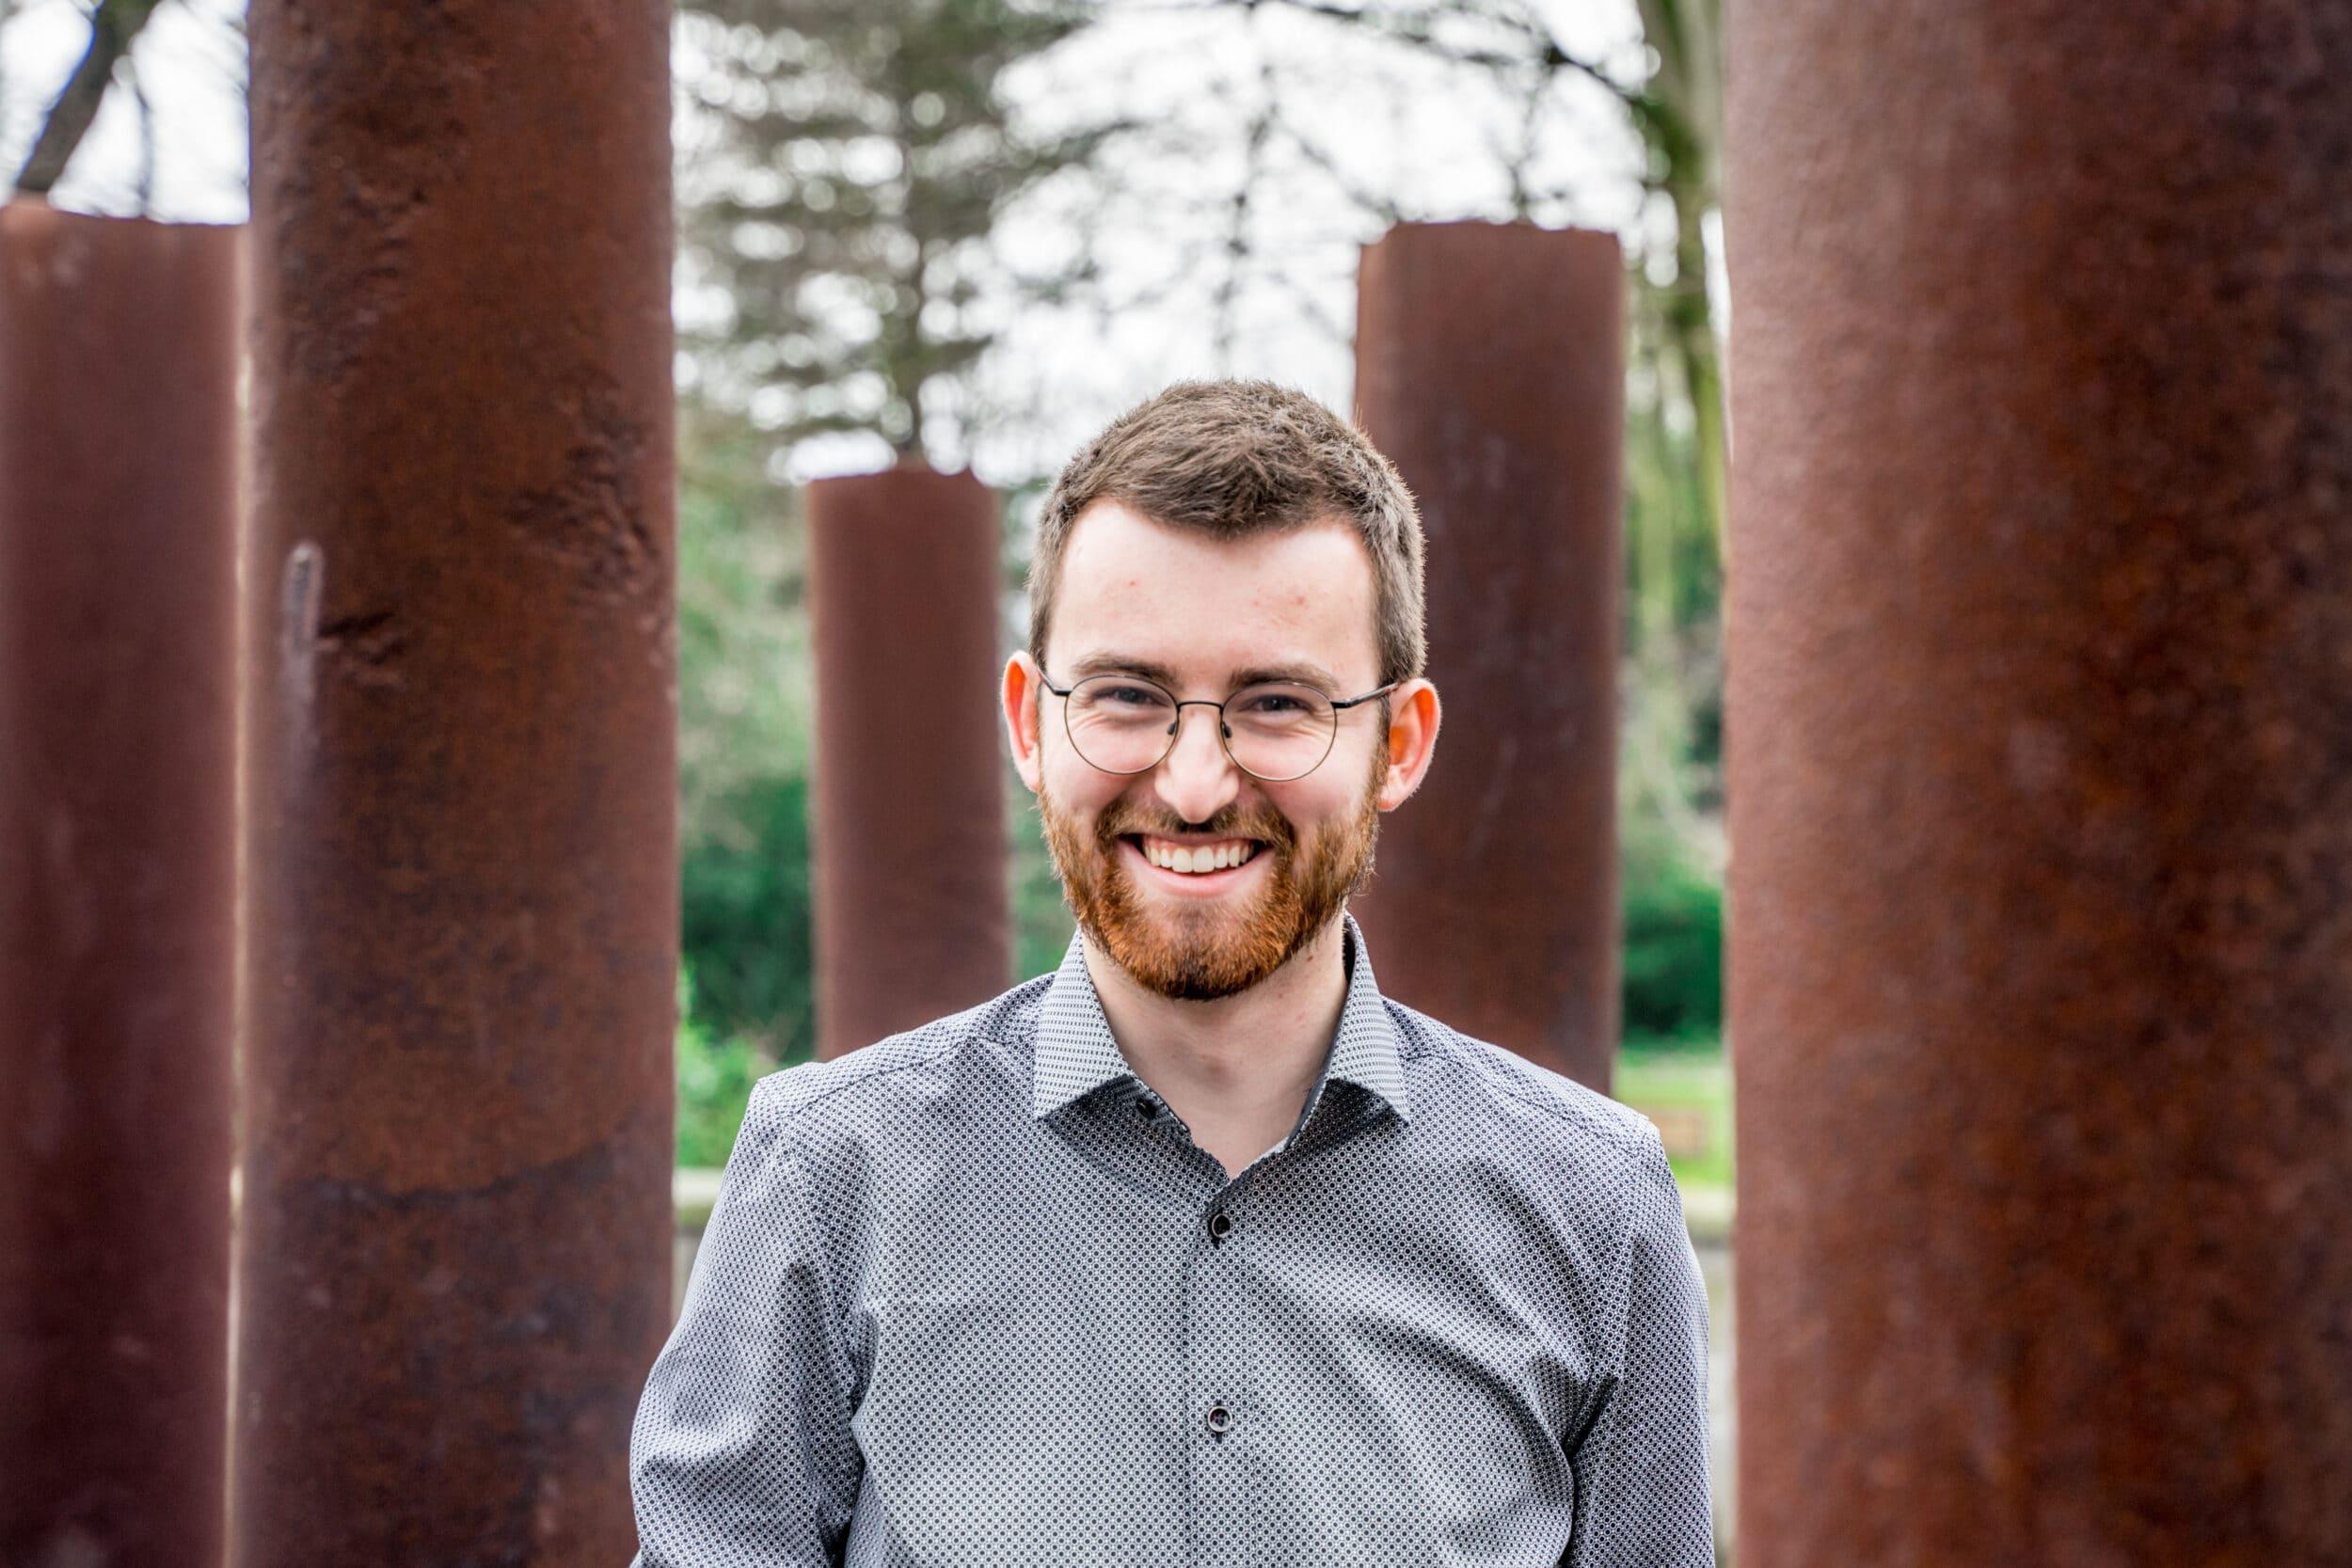 Der neu gewählte Kreissprecher Michael Röls. (Foto: Patrick Haermeyer)